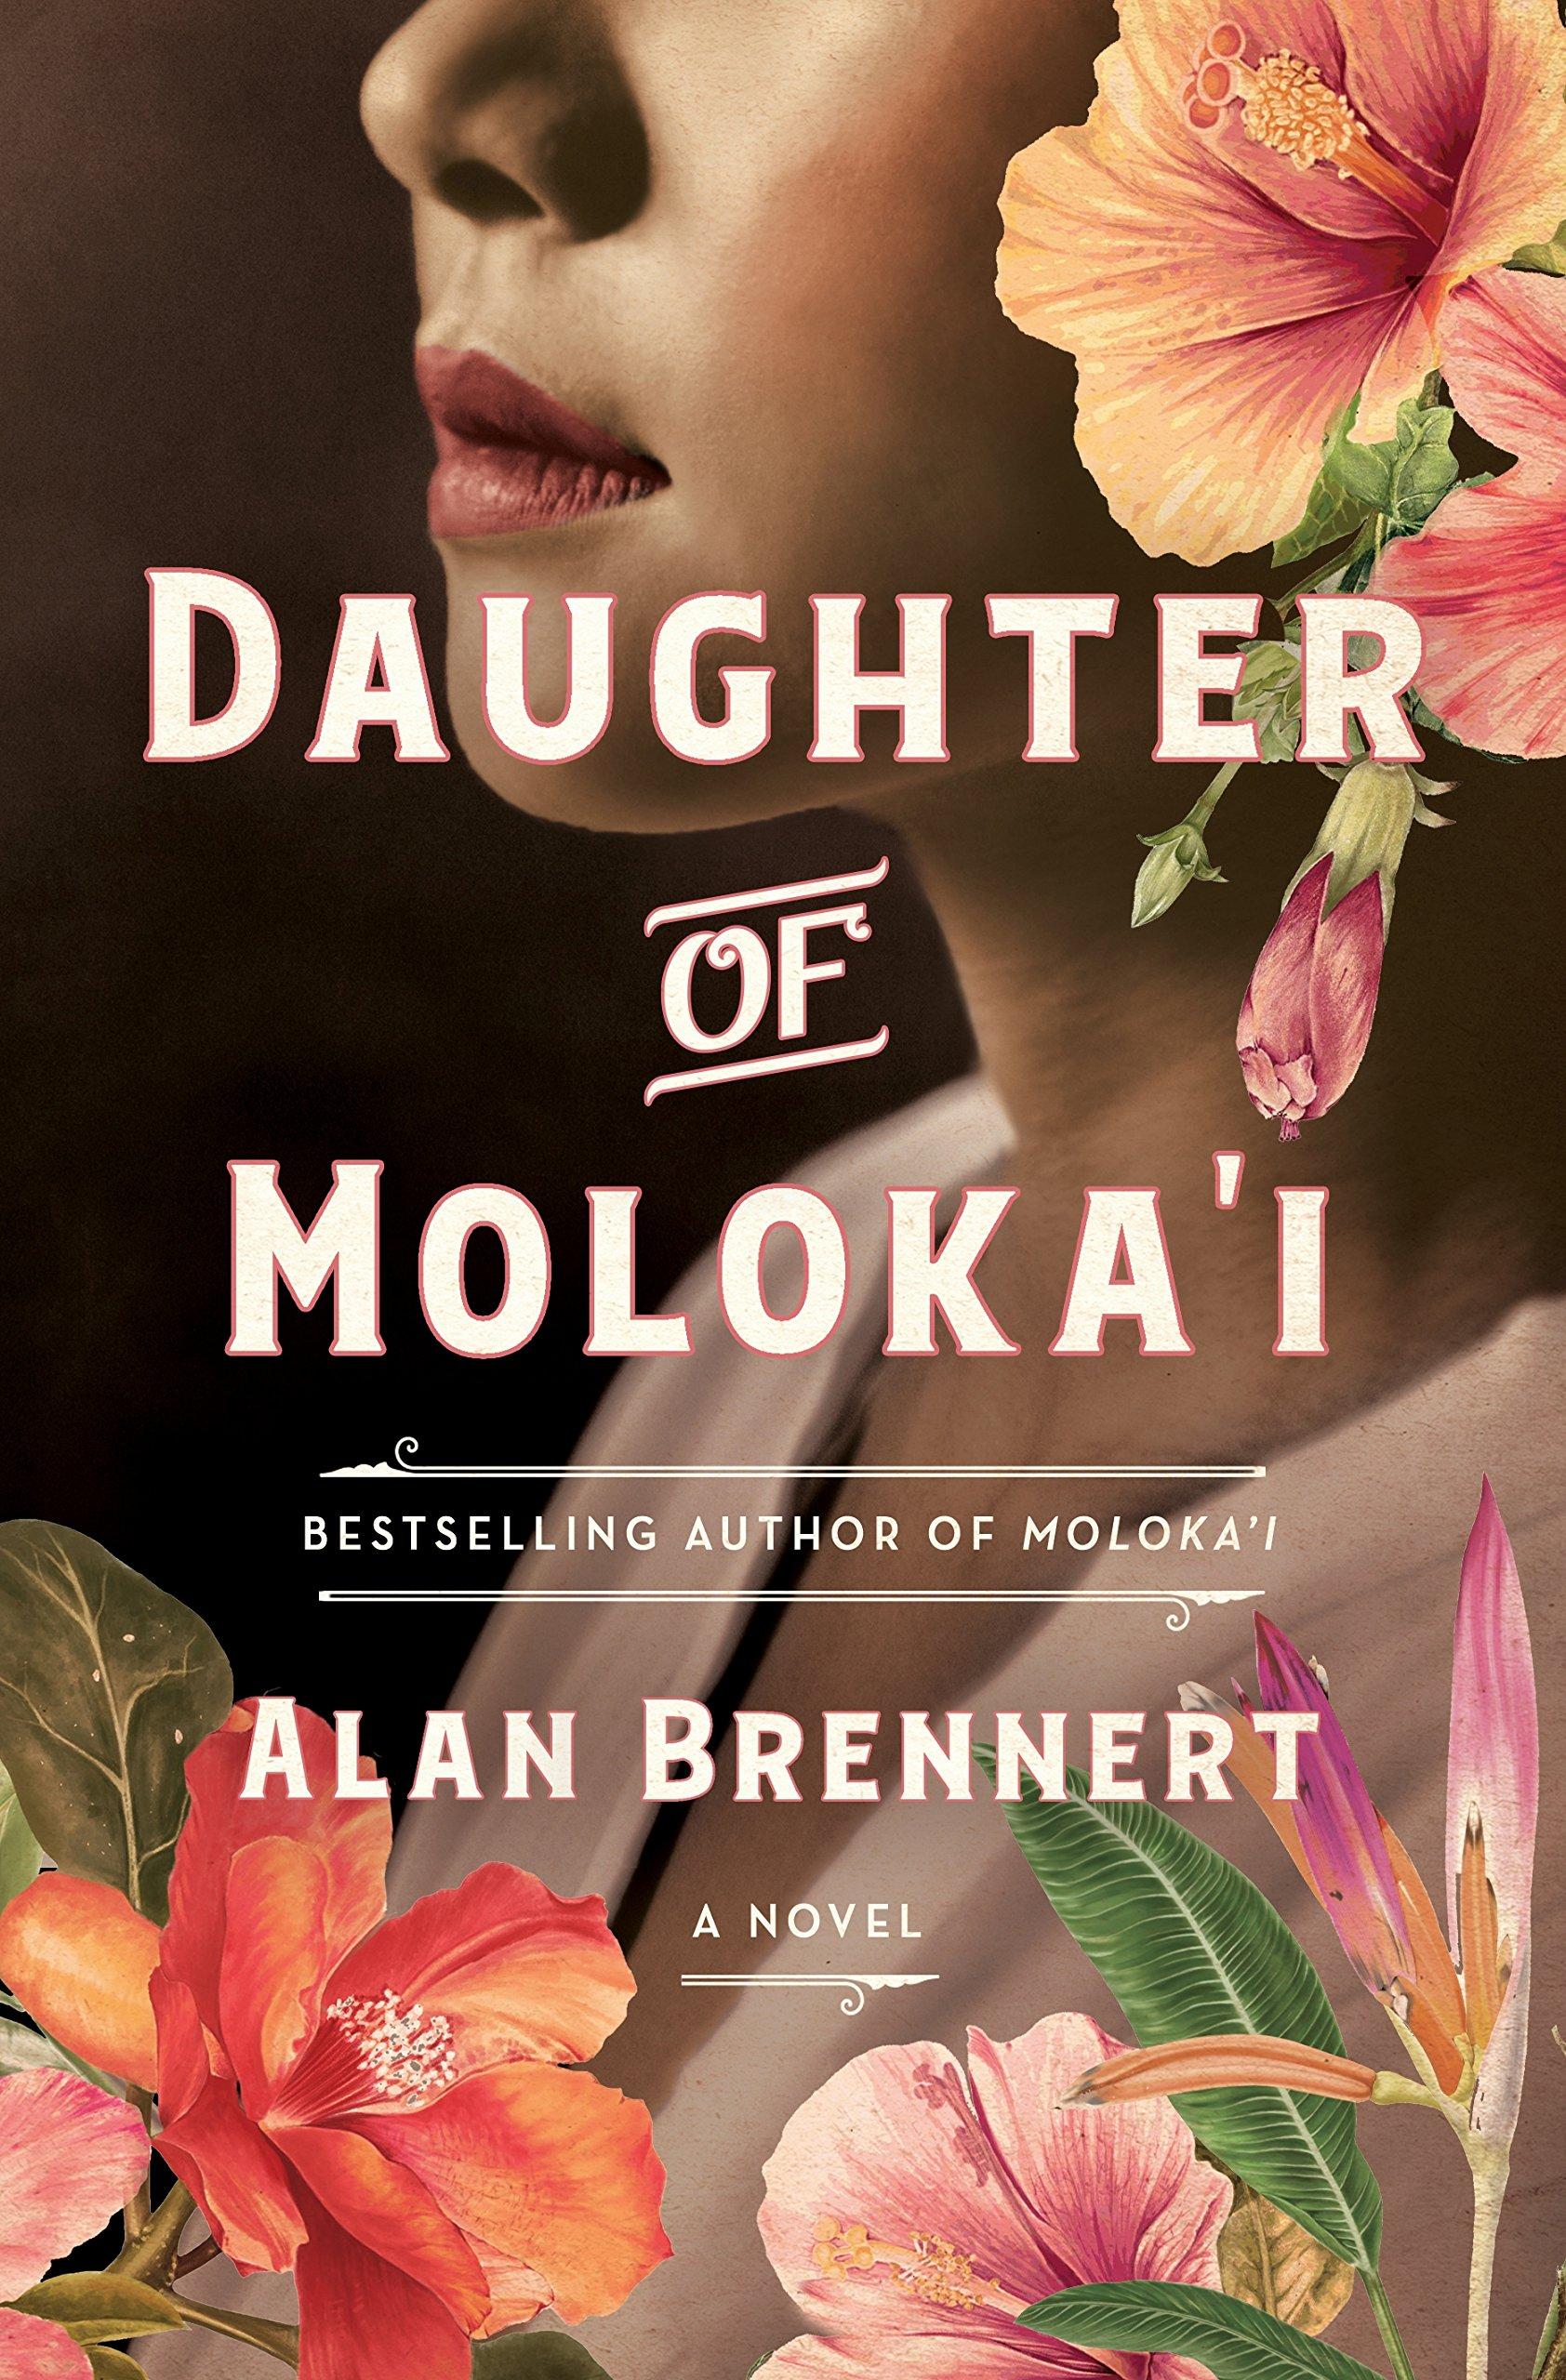 Daughter of Molokai